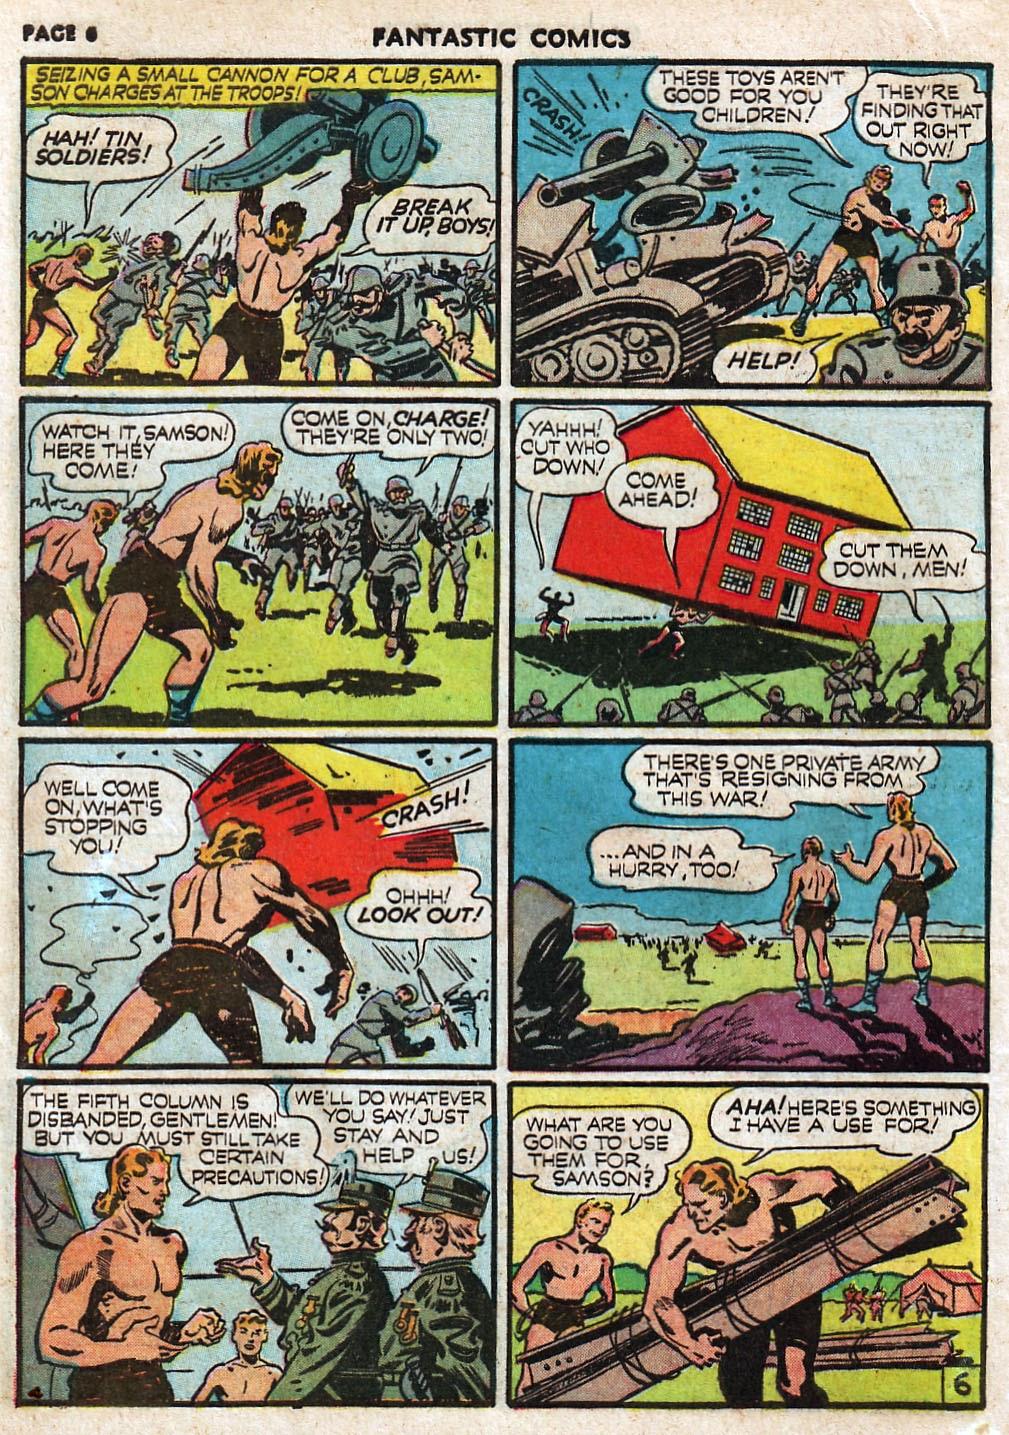 Read online Fantastic Comics comic -  Issue #17 - 8